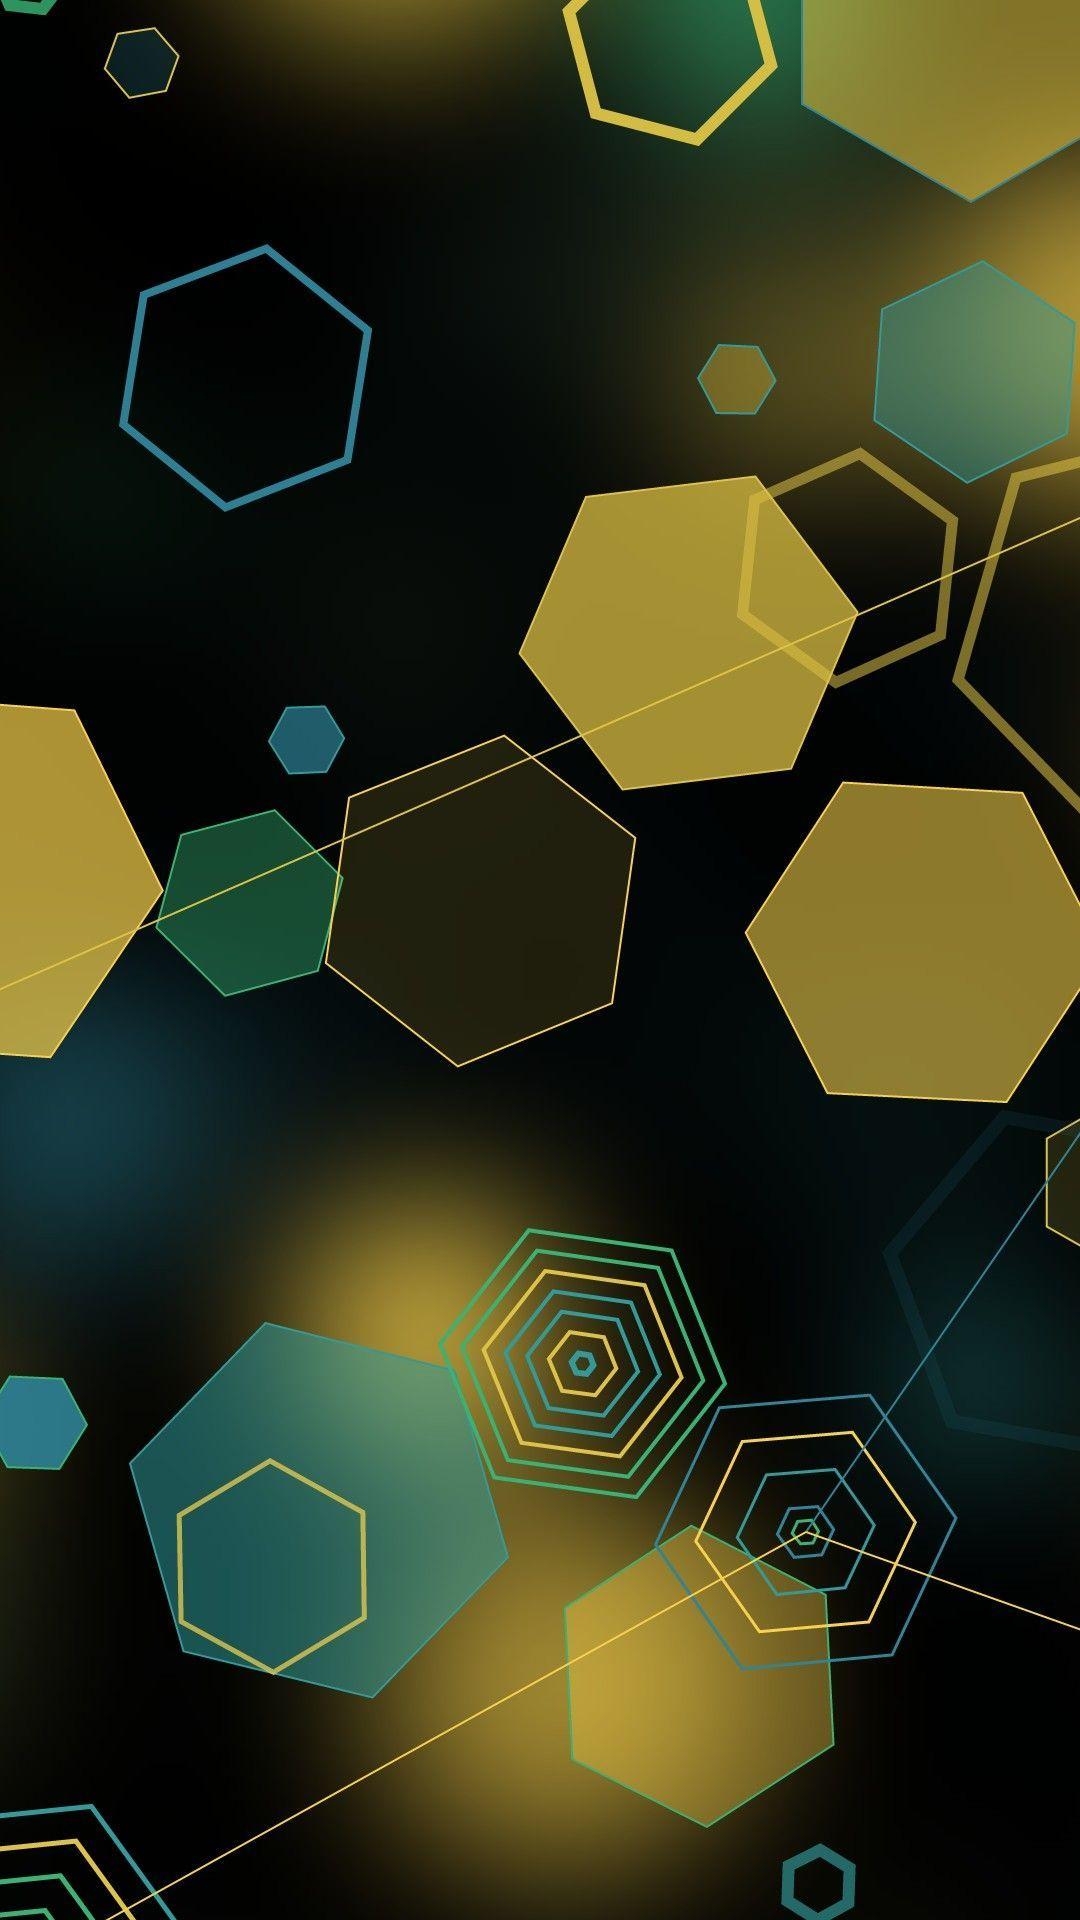 Science hd wallpaper